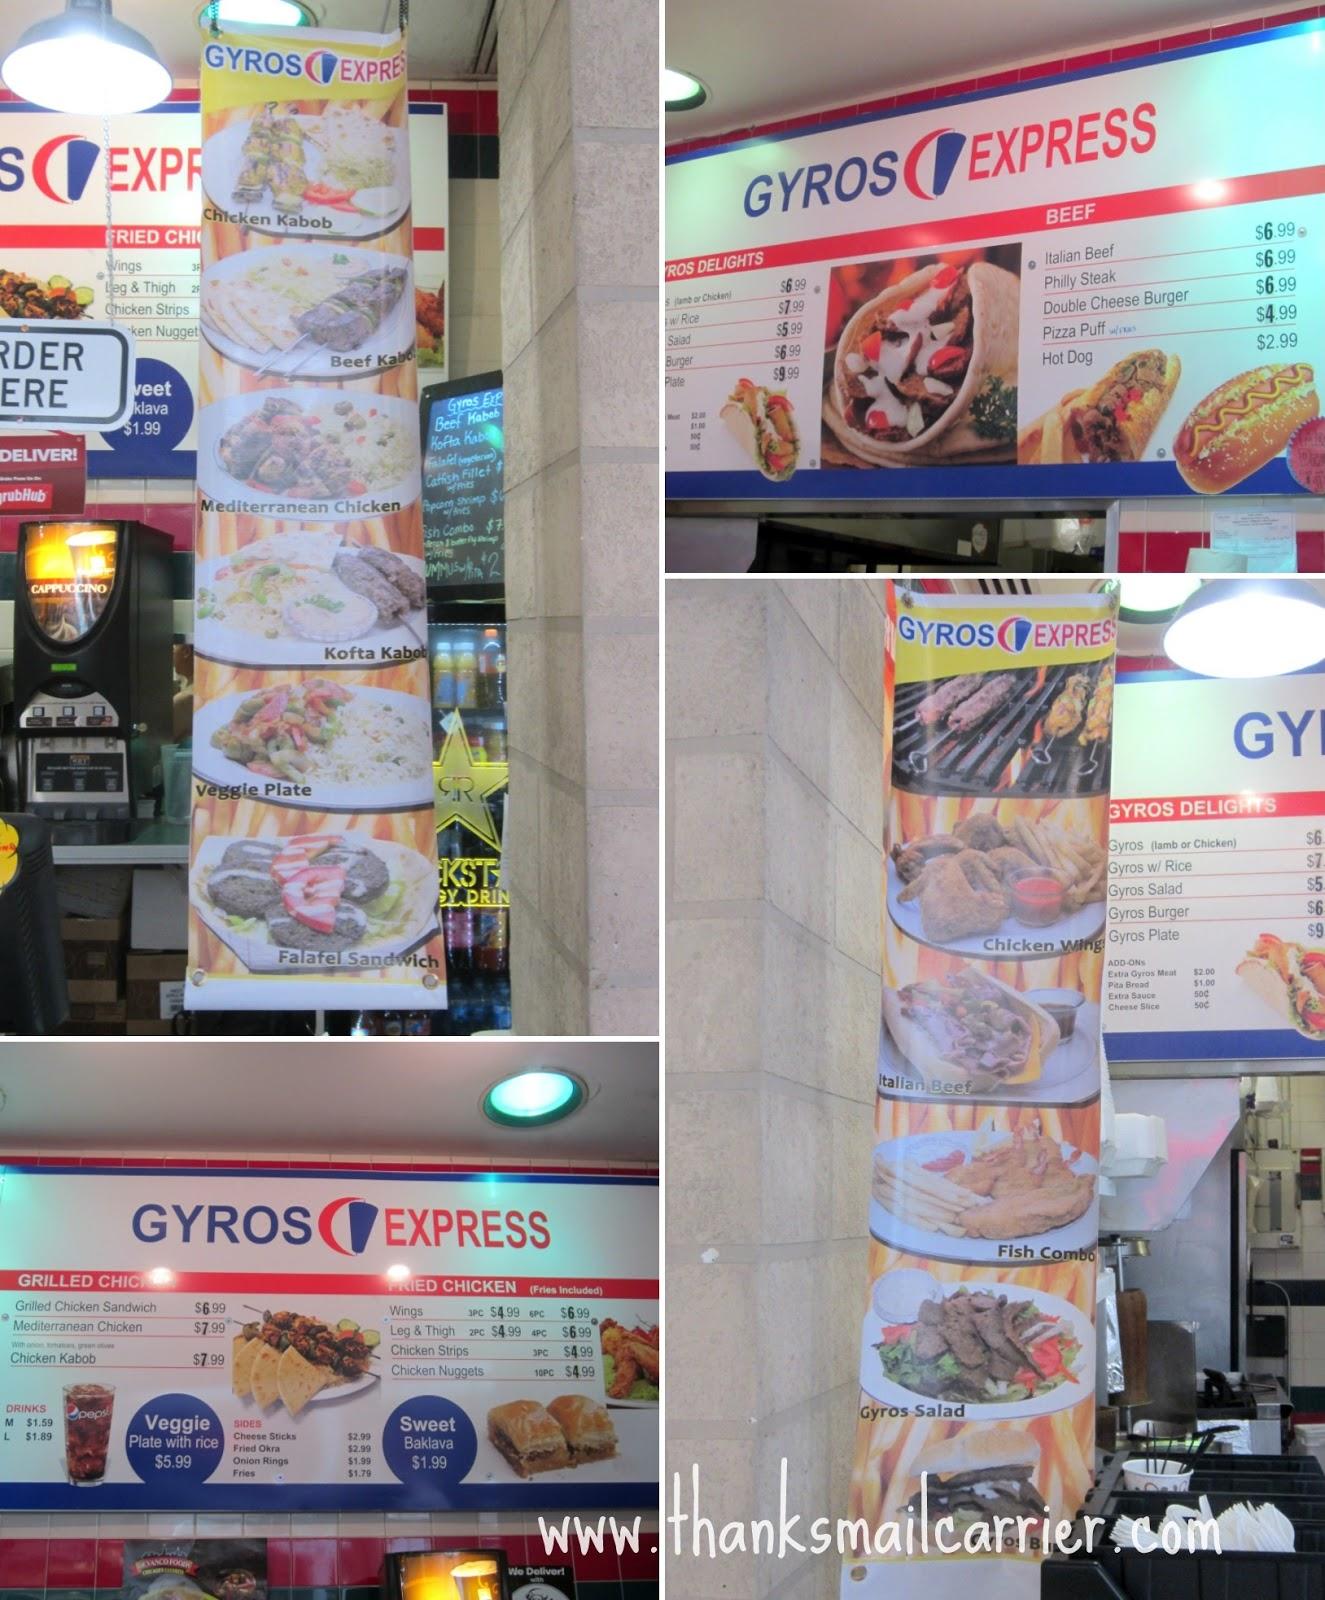 Gyros Express menu